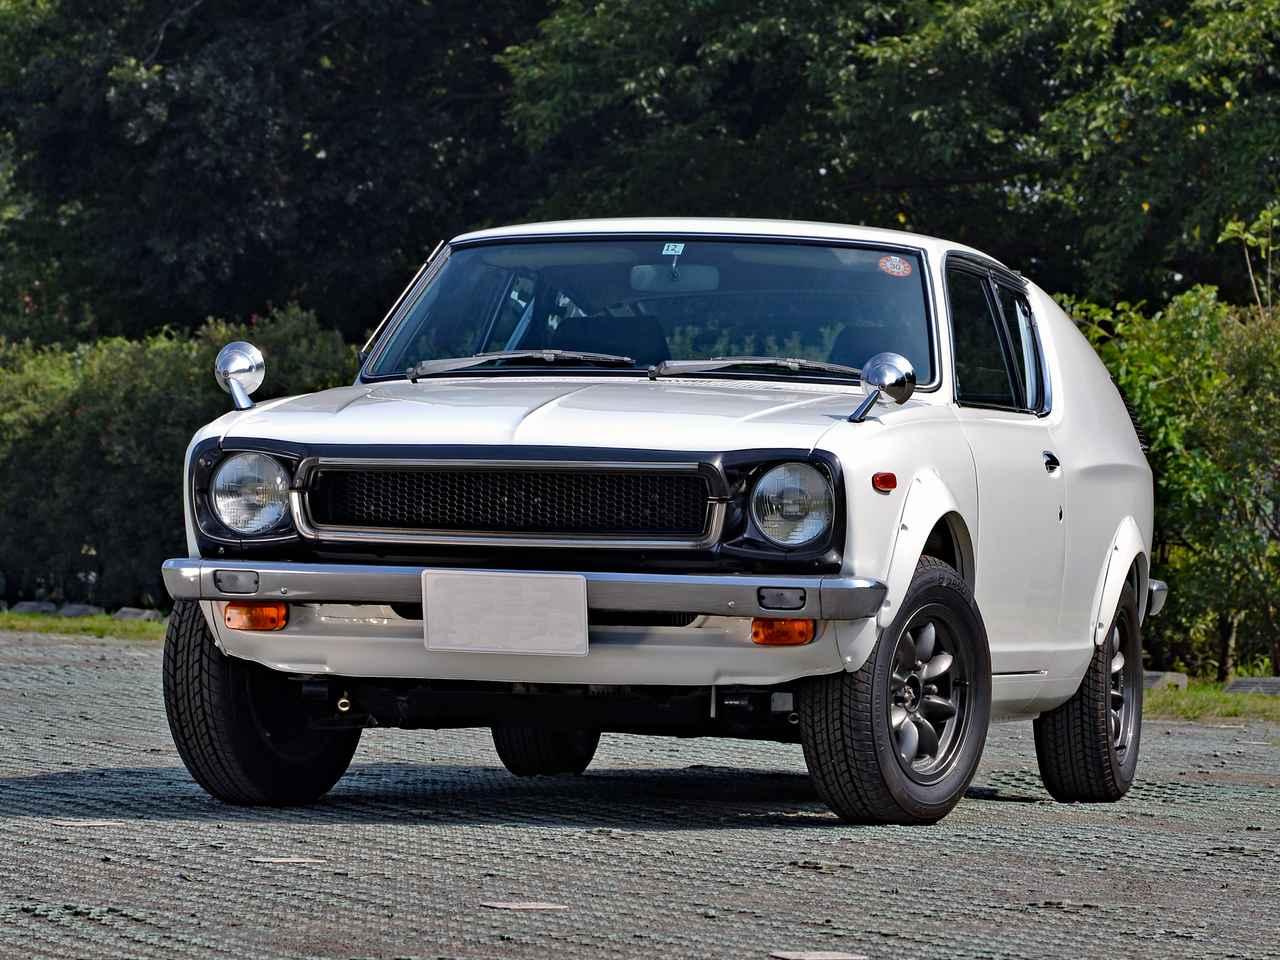 【旧車】初代チェリークーペ「名機A型エンジンを搭載した小さな傑作車」